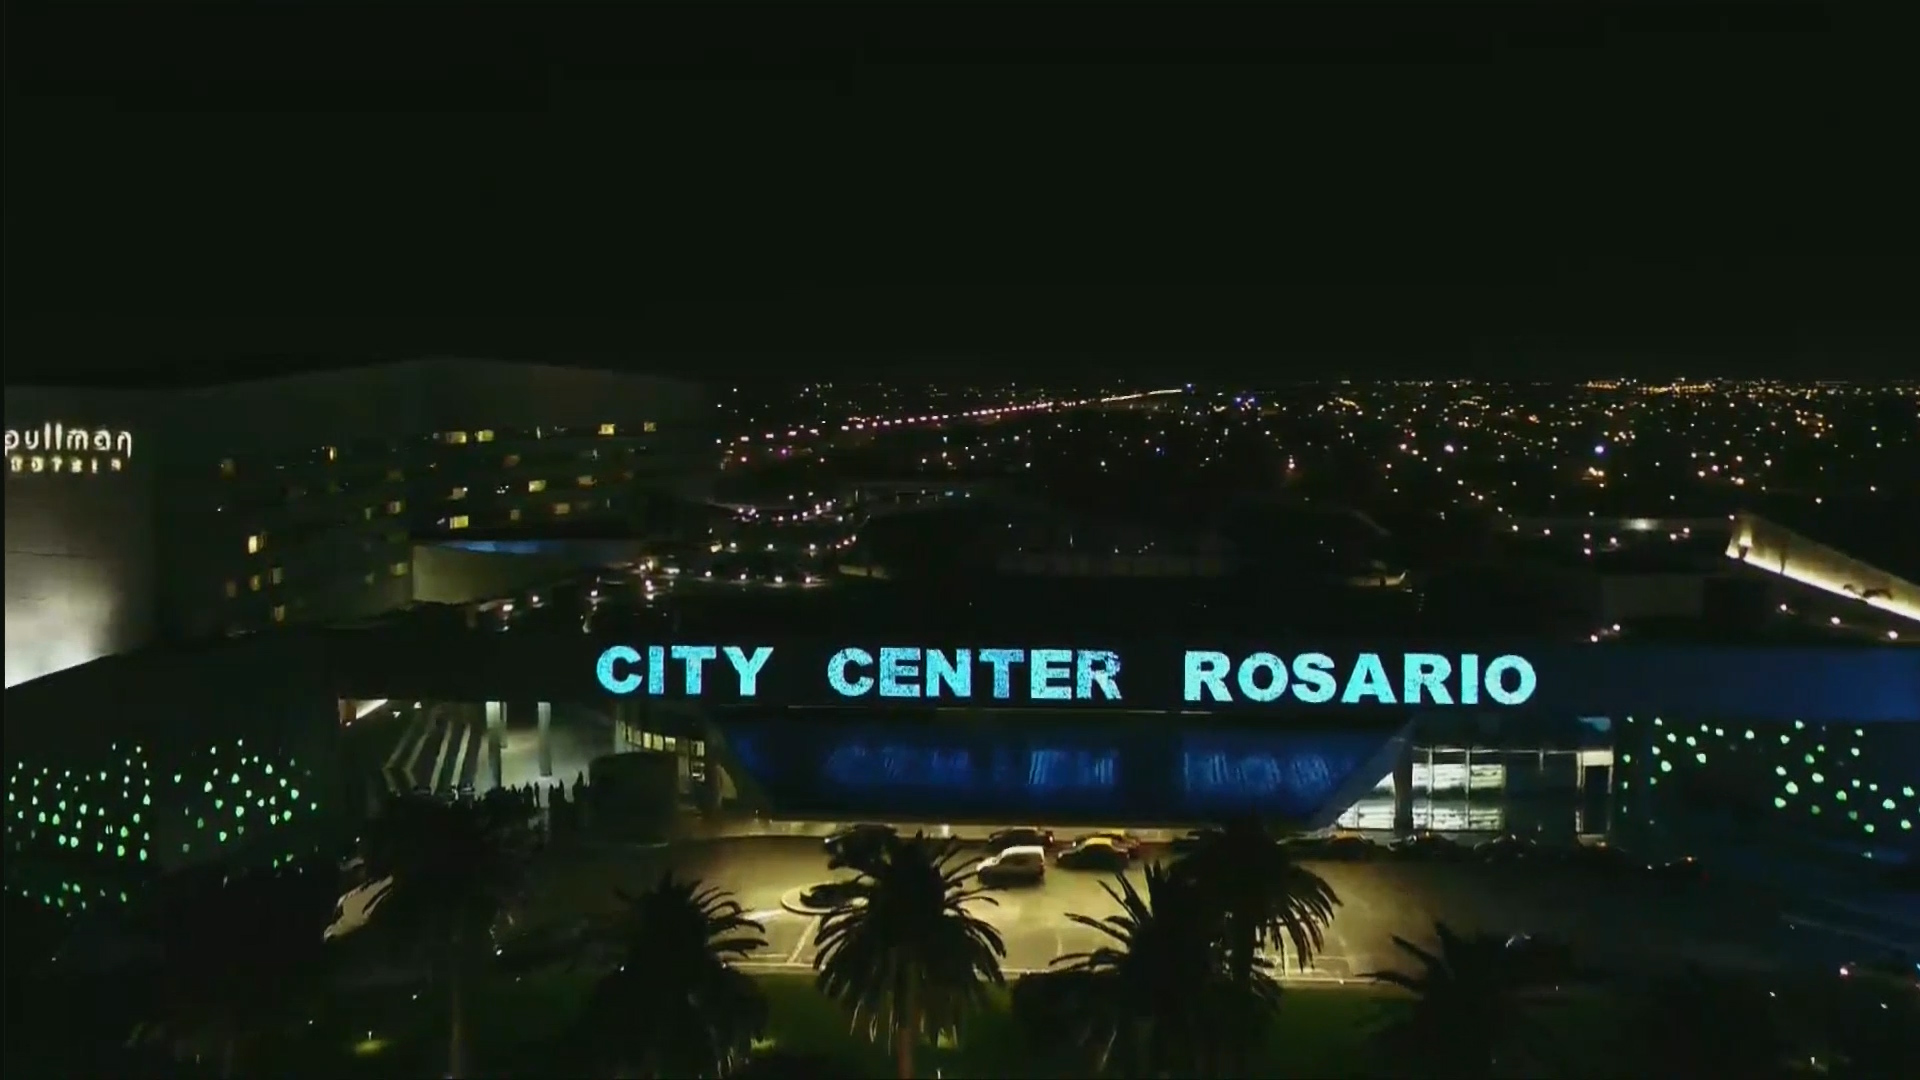 El hotel City Center de Rosario fue el lugar elegido porLionel Messi y Antonela Roccuzzo para la gran fiesta